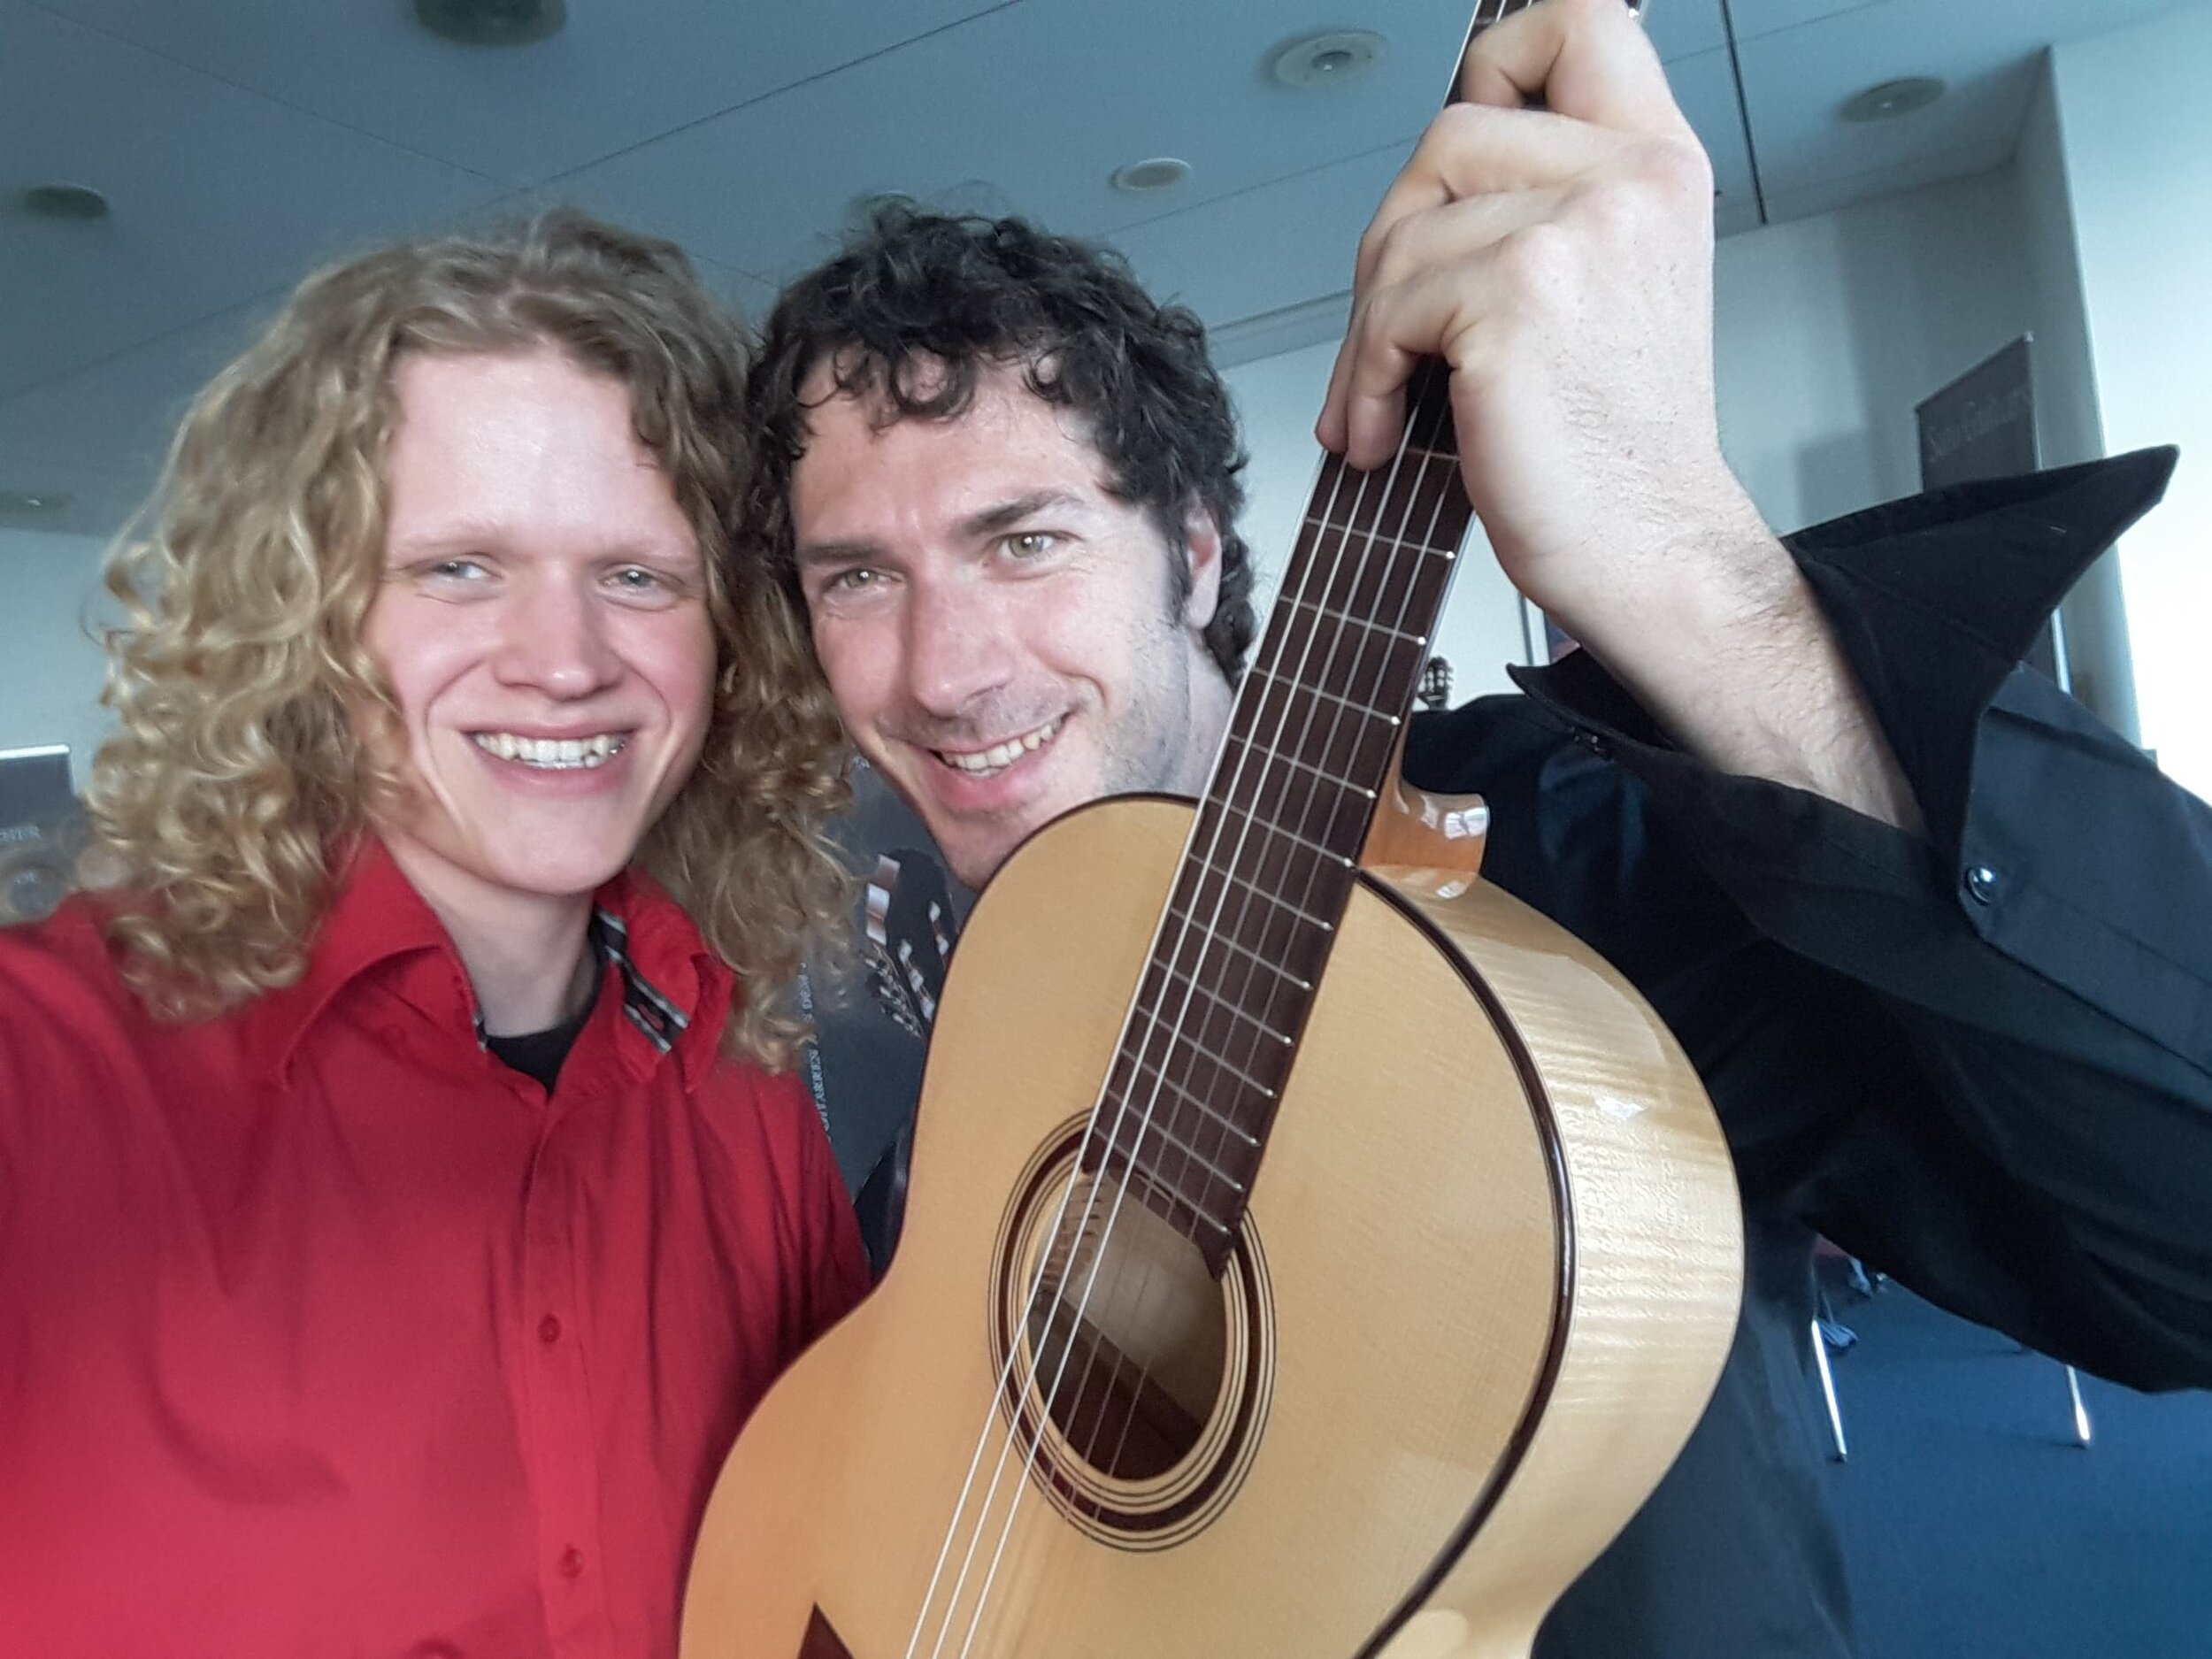 With dear friend Reentko Dirks. Heinsberg, Germany